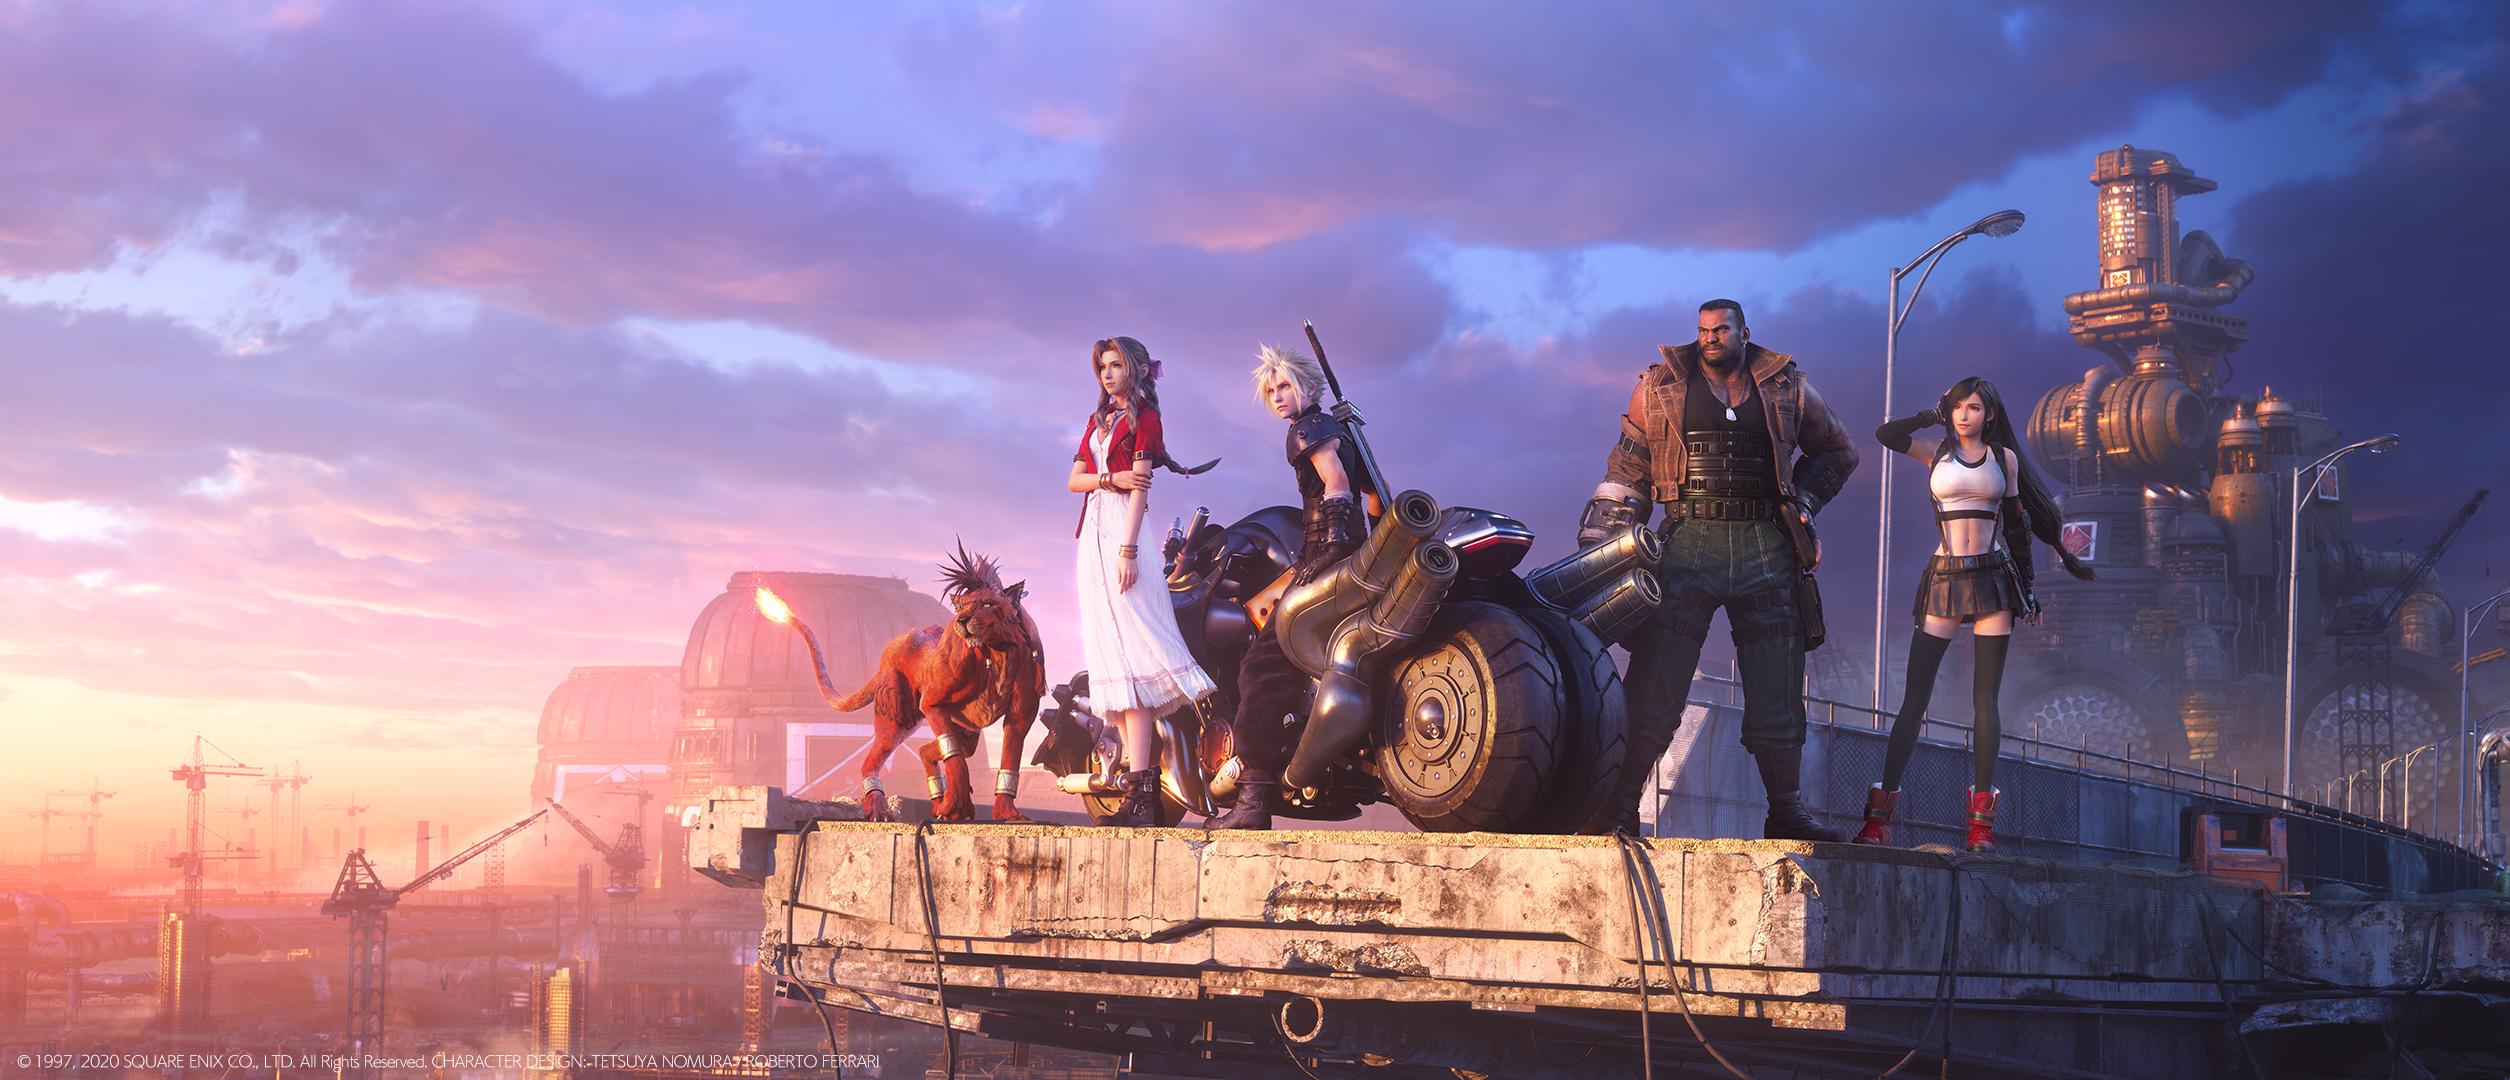 Final-Fantasy-VII-Remake-Key-Vis_02-07-20_002